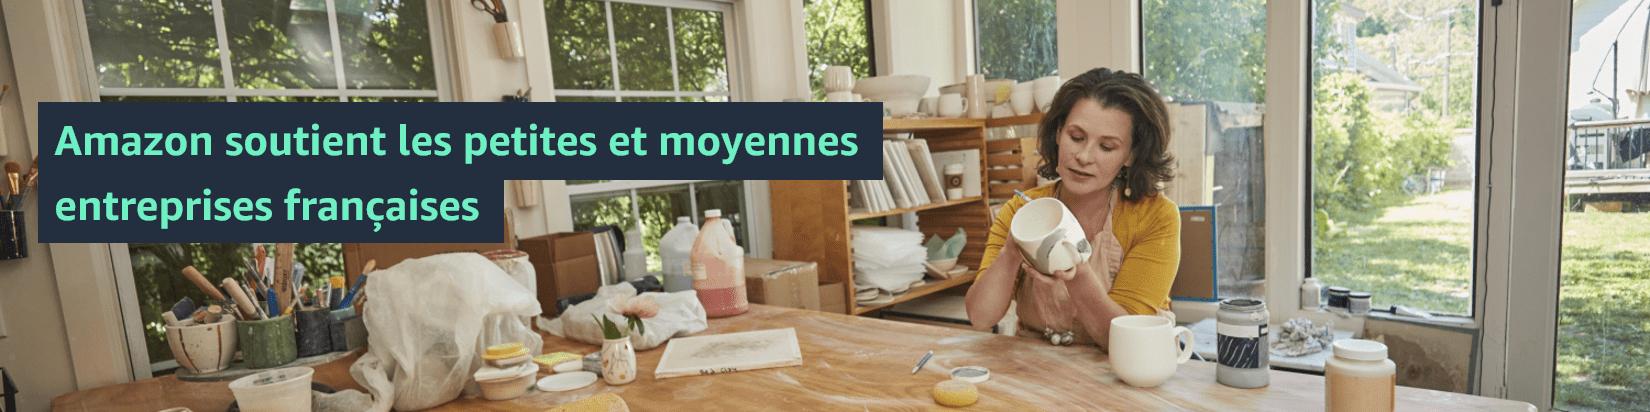 Amazon soutient les petites et moyennes entreprises françaises